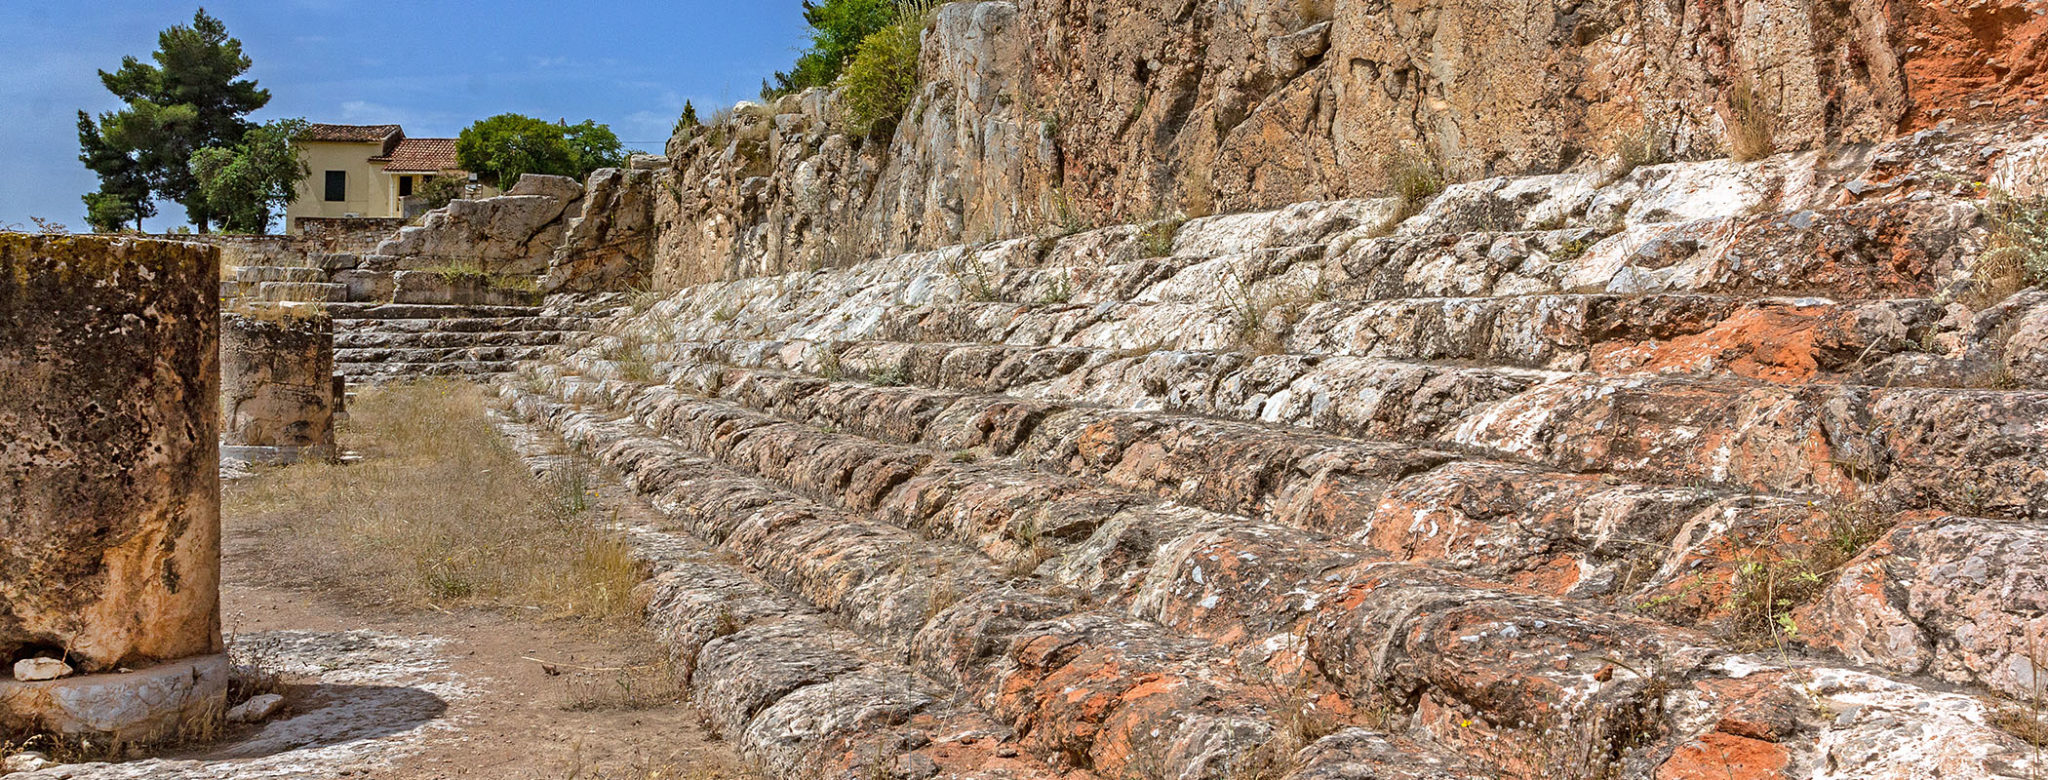 ATTIKA: Im Demeter-Heiligtum von Eleusis